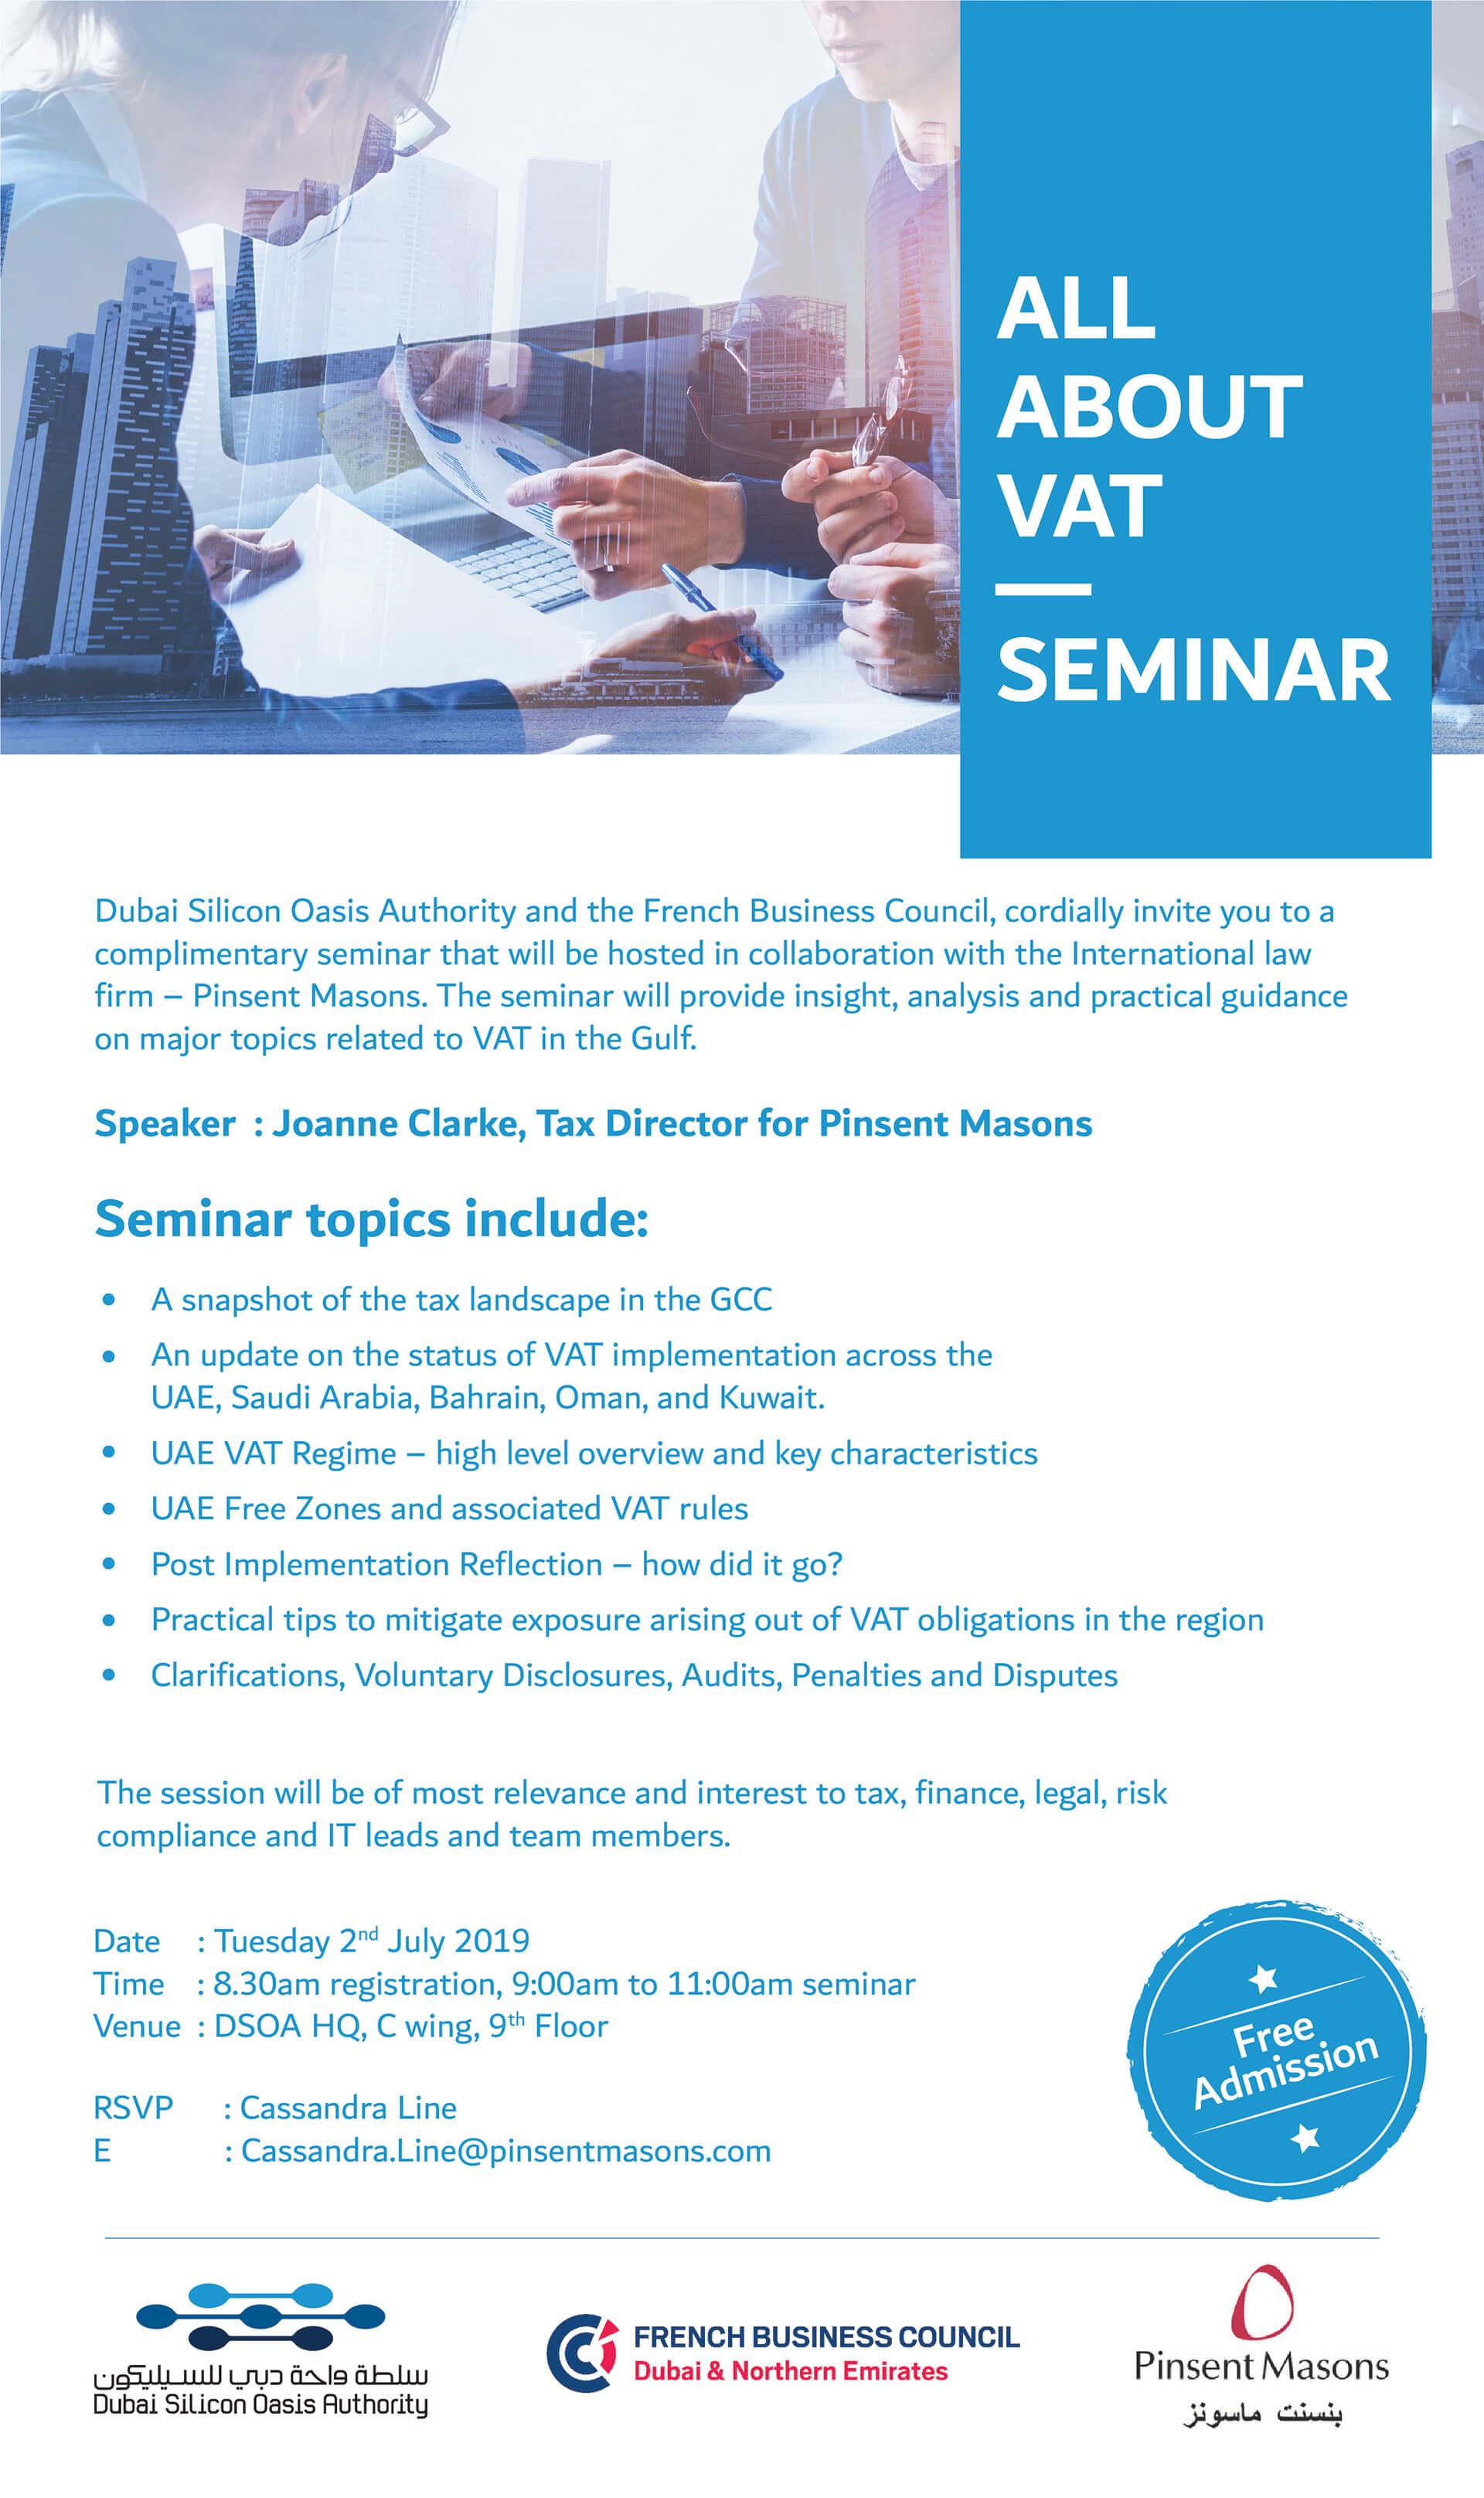 All About VAT Seminar